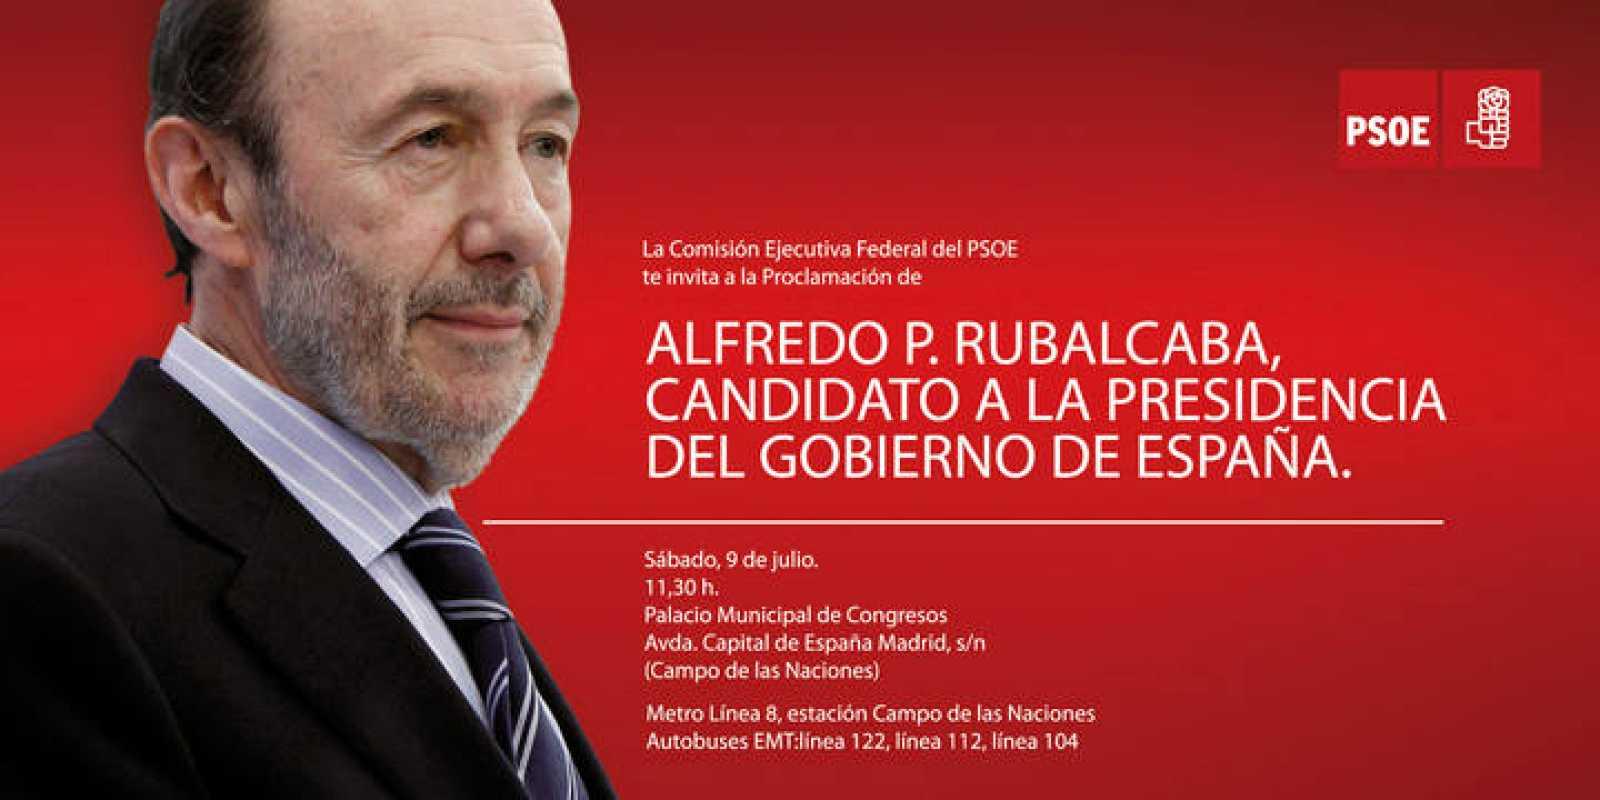 Alfredo P. Rubalcaba, candidato a la presidencia del Gobierno de España